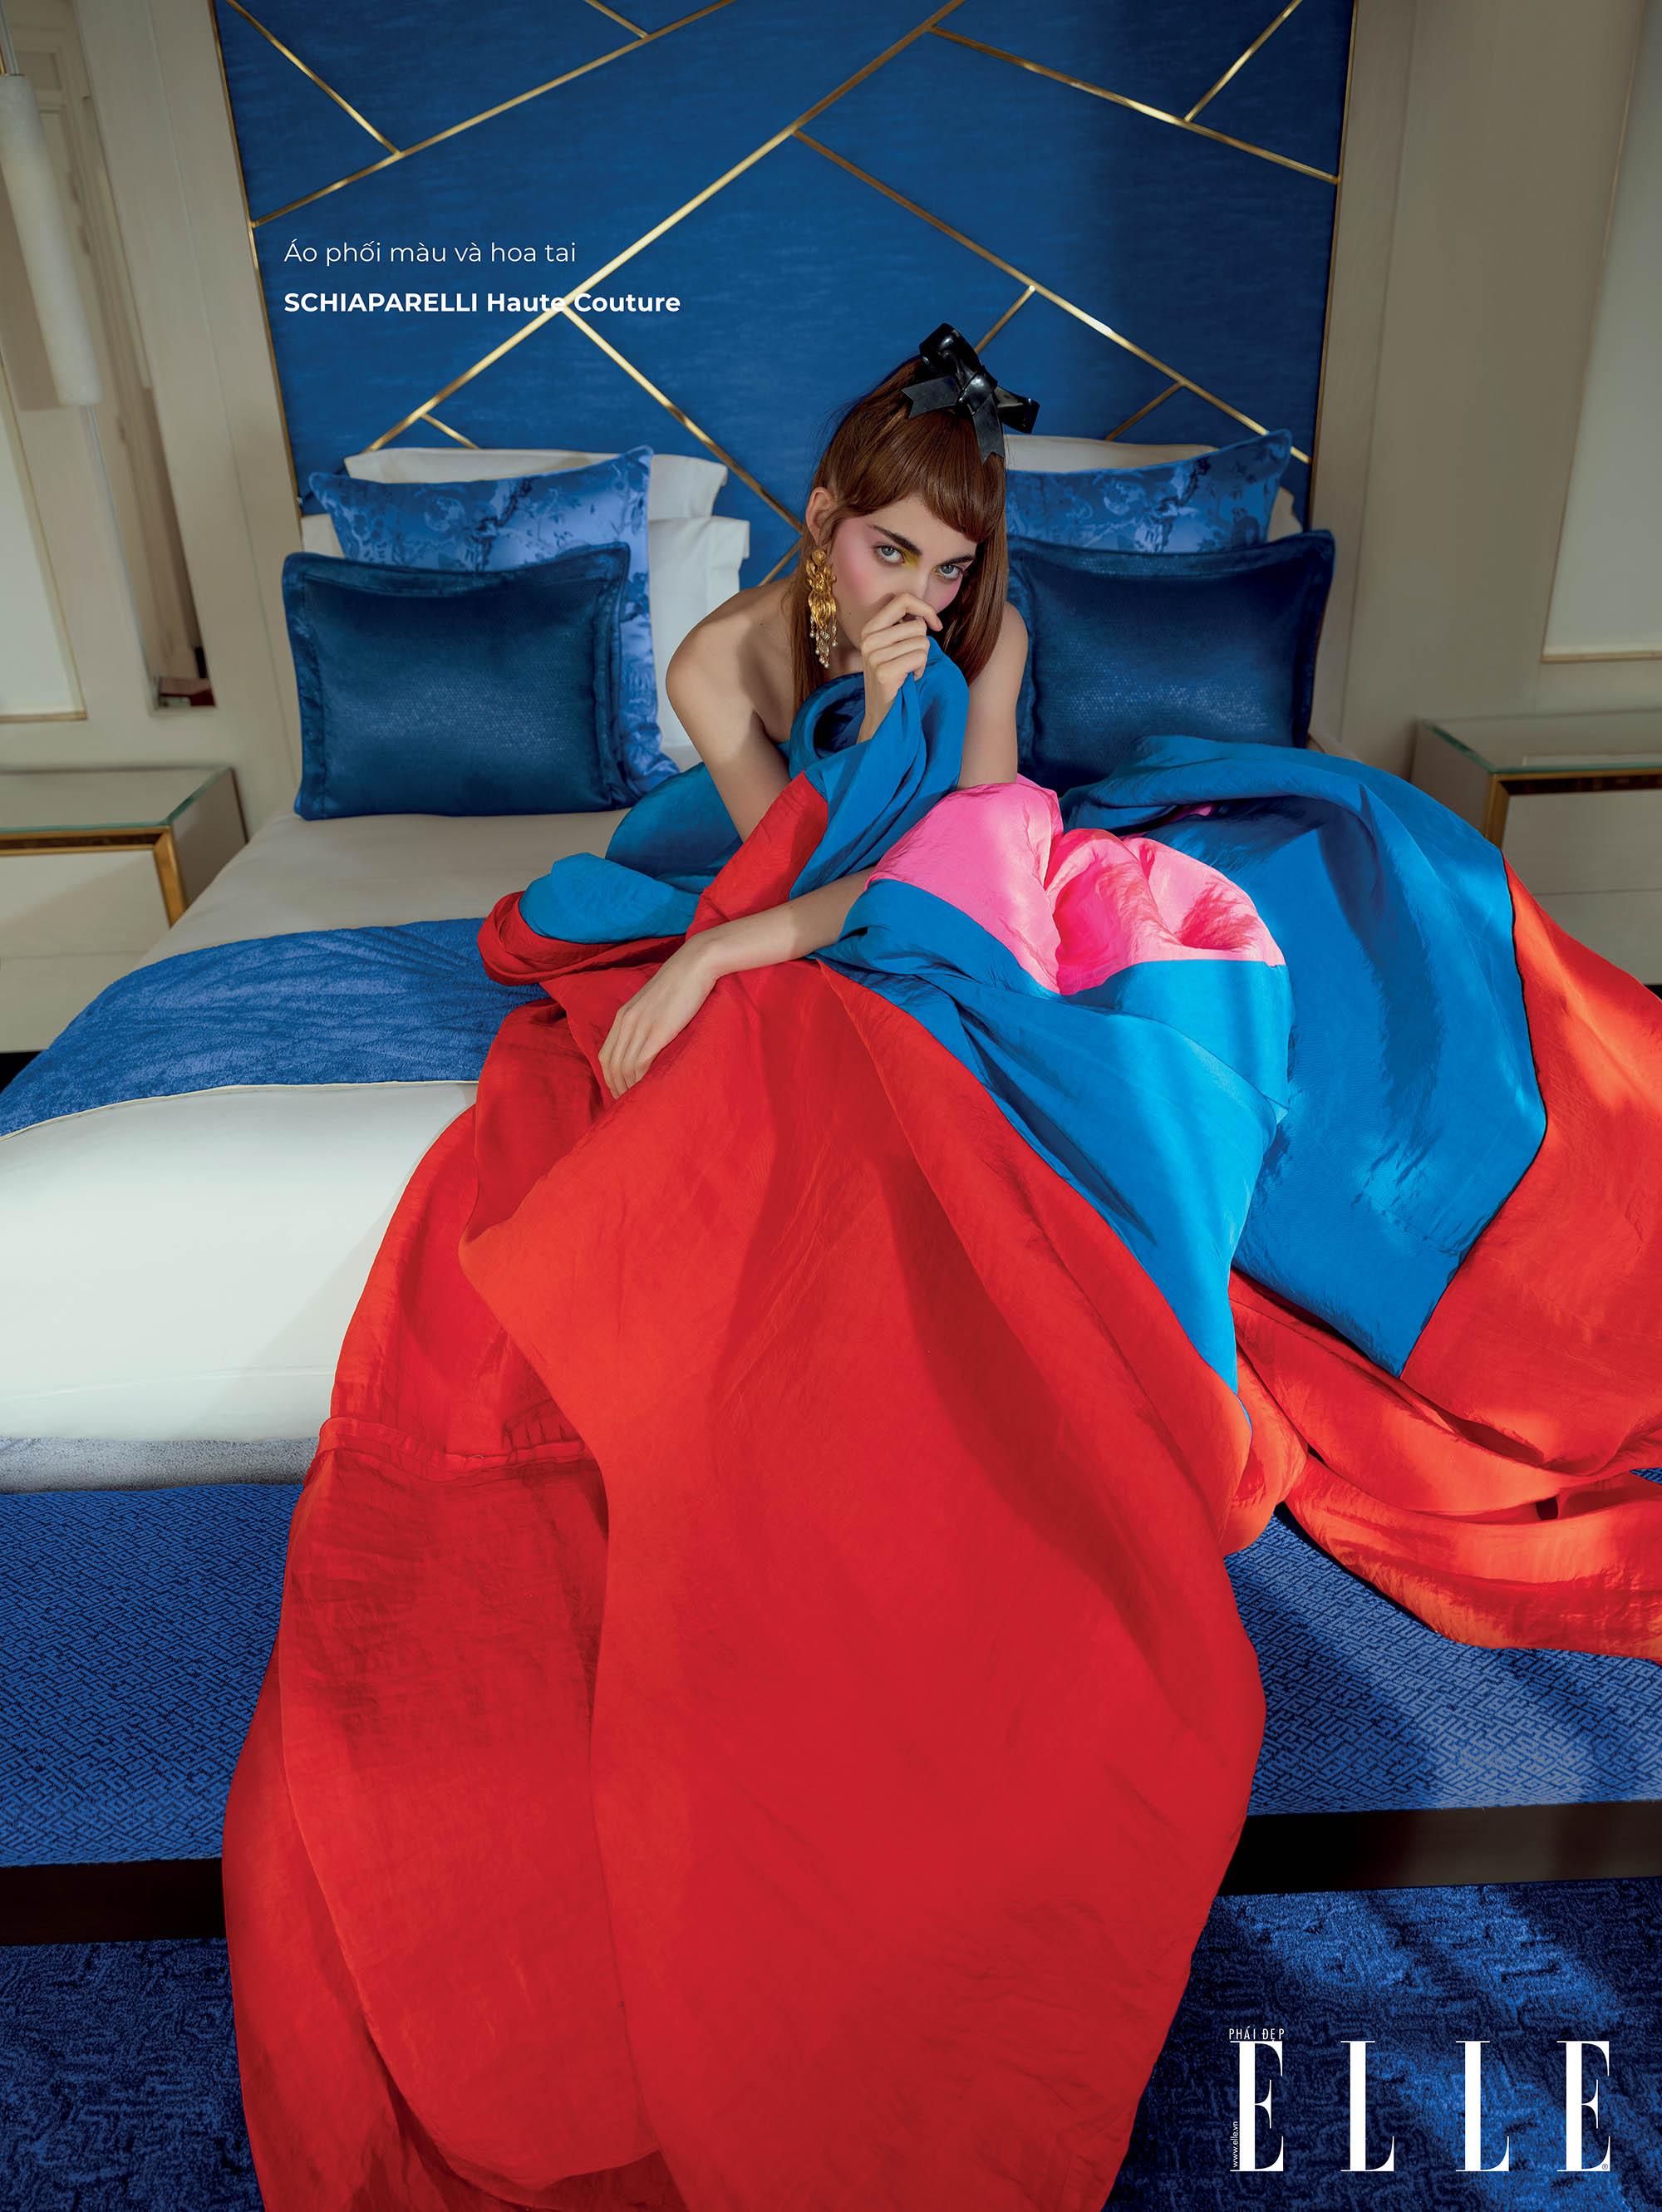 haute couture đầm xanh đỏ nổi bật